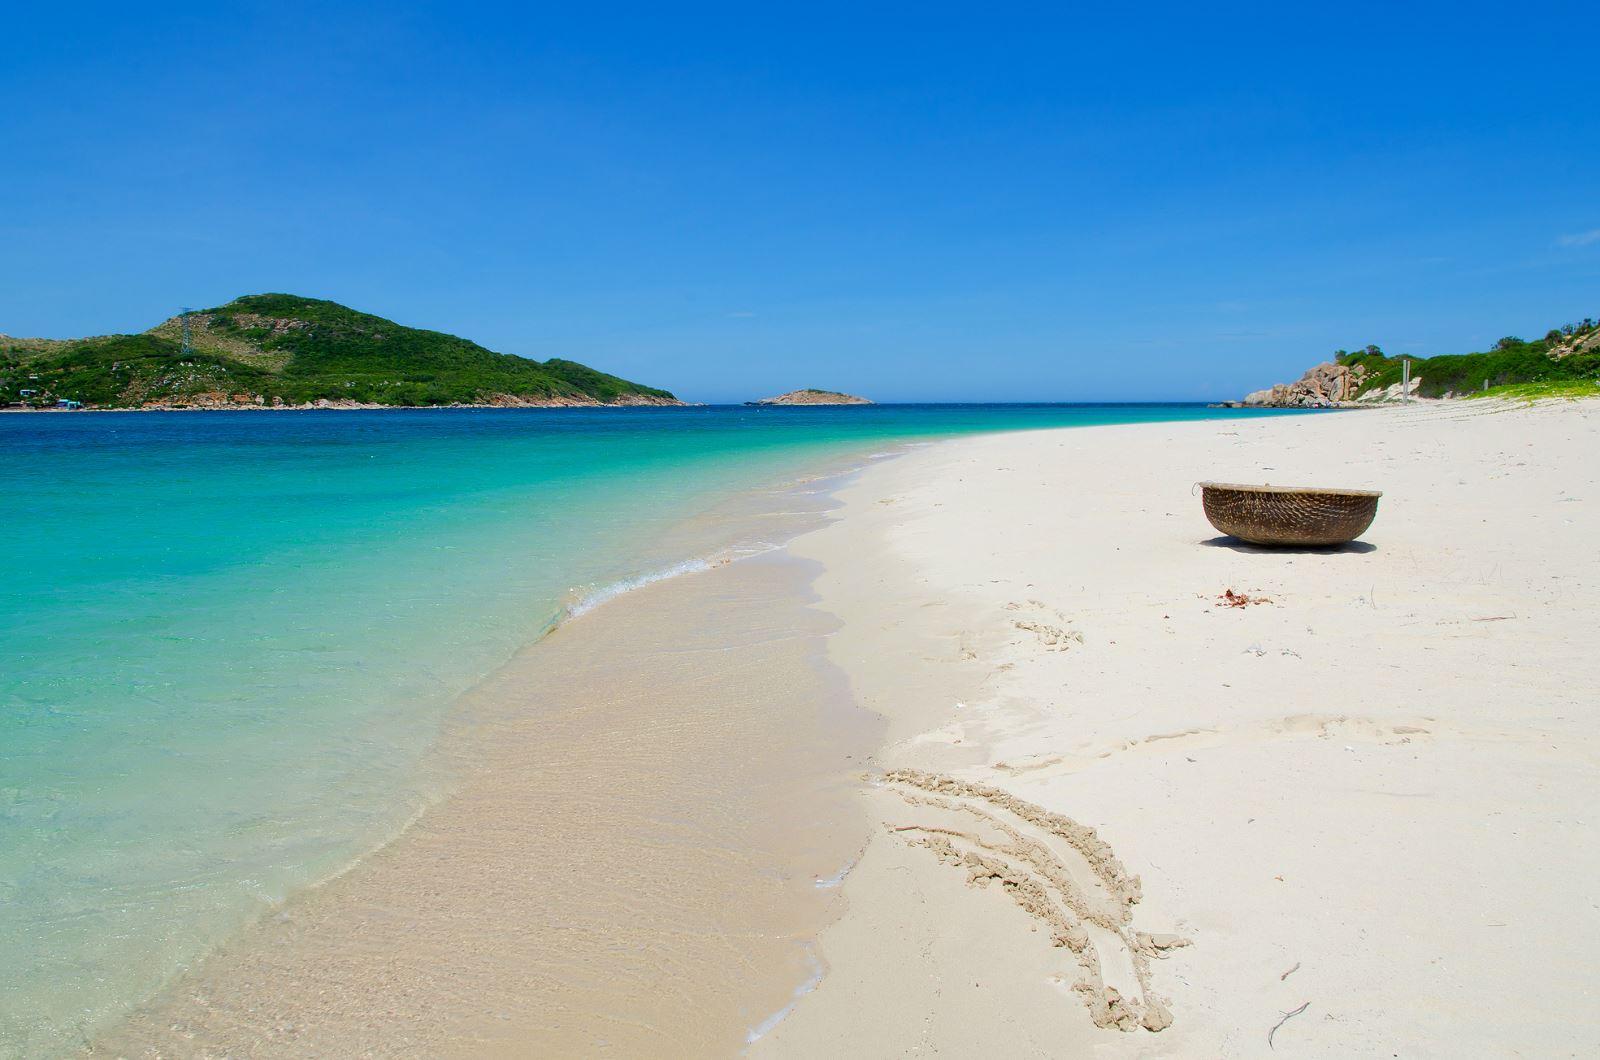 Côn Dao dans la liste des 13 îles les plus mystérieuses du monde